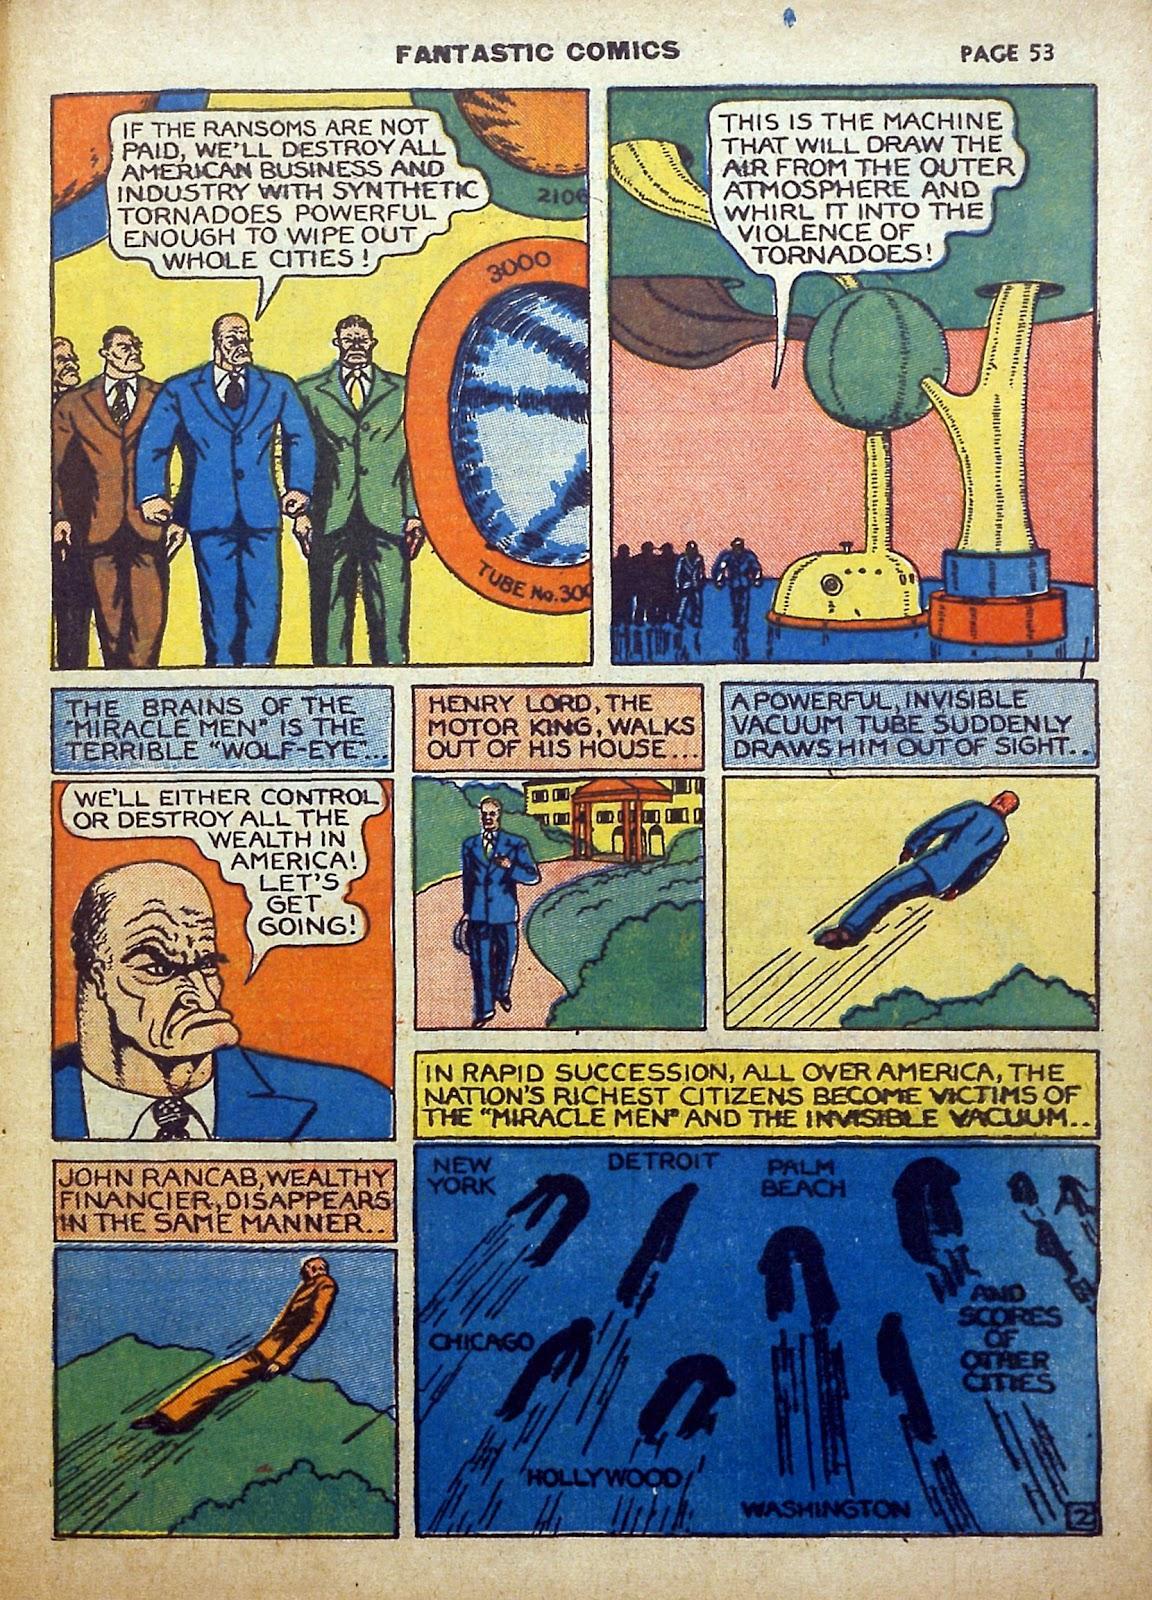 Read online Fantastic Comics comic -  Issue #5 - 54